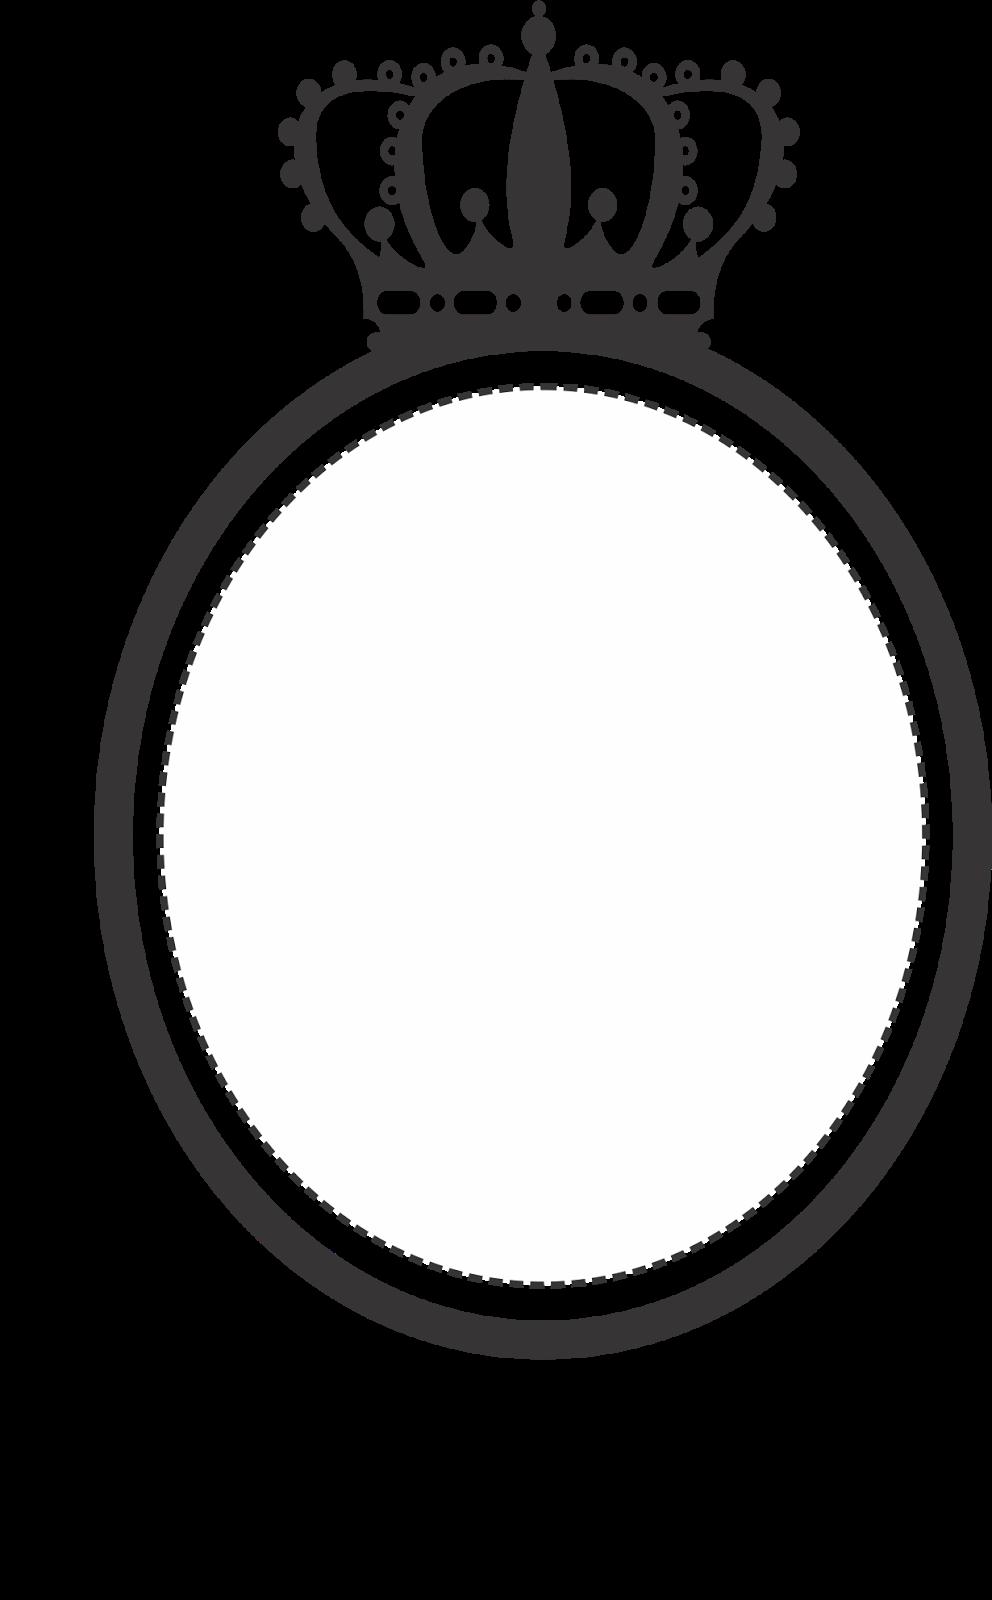 vector transparent library Frames Vintage Gr